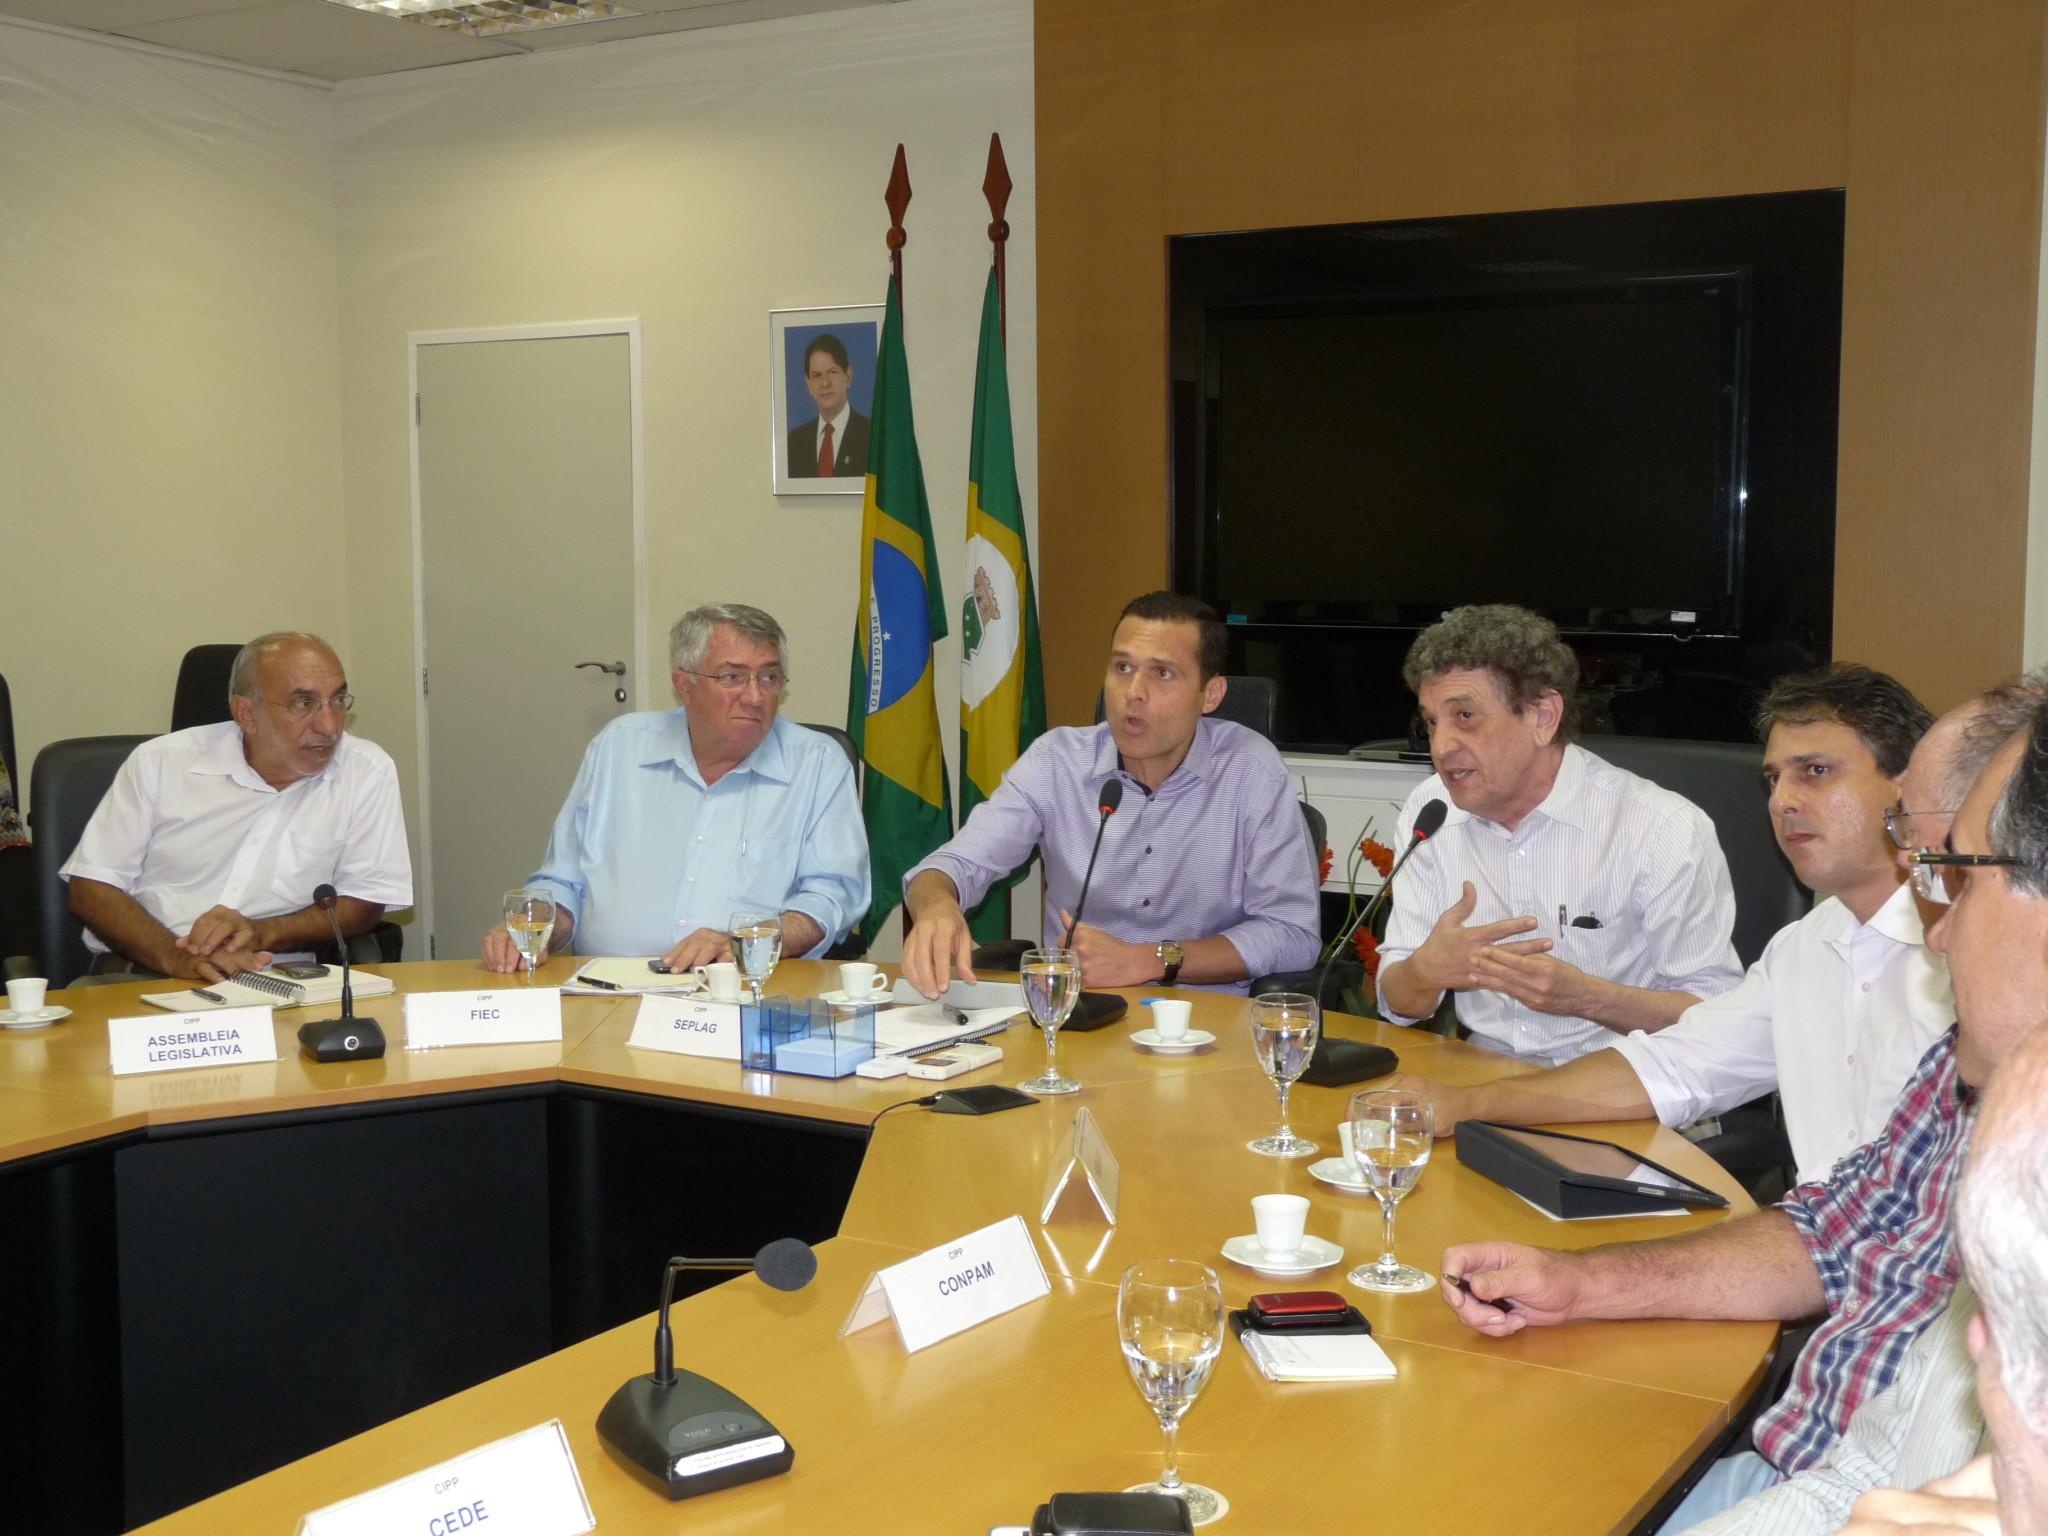 Conselho do CIPP aprova projeto de urbanização do Porto do Pecém